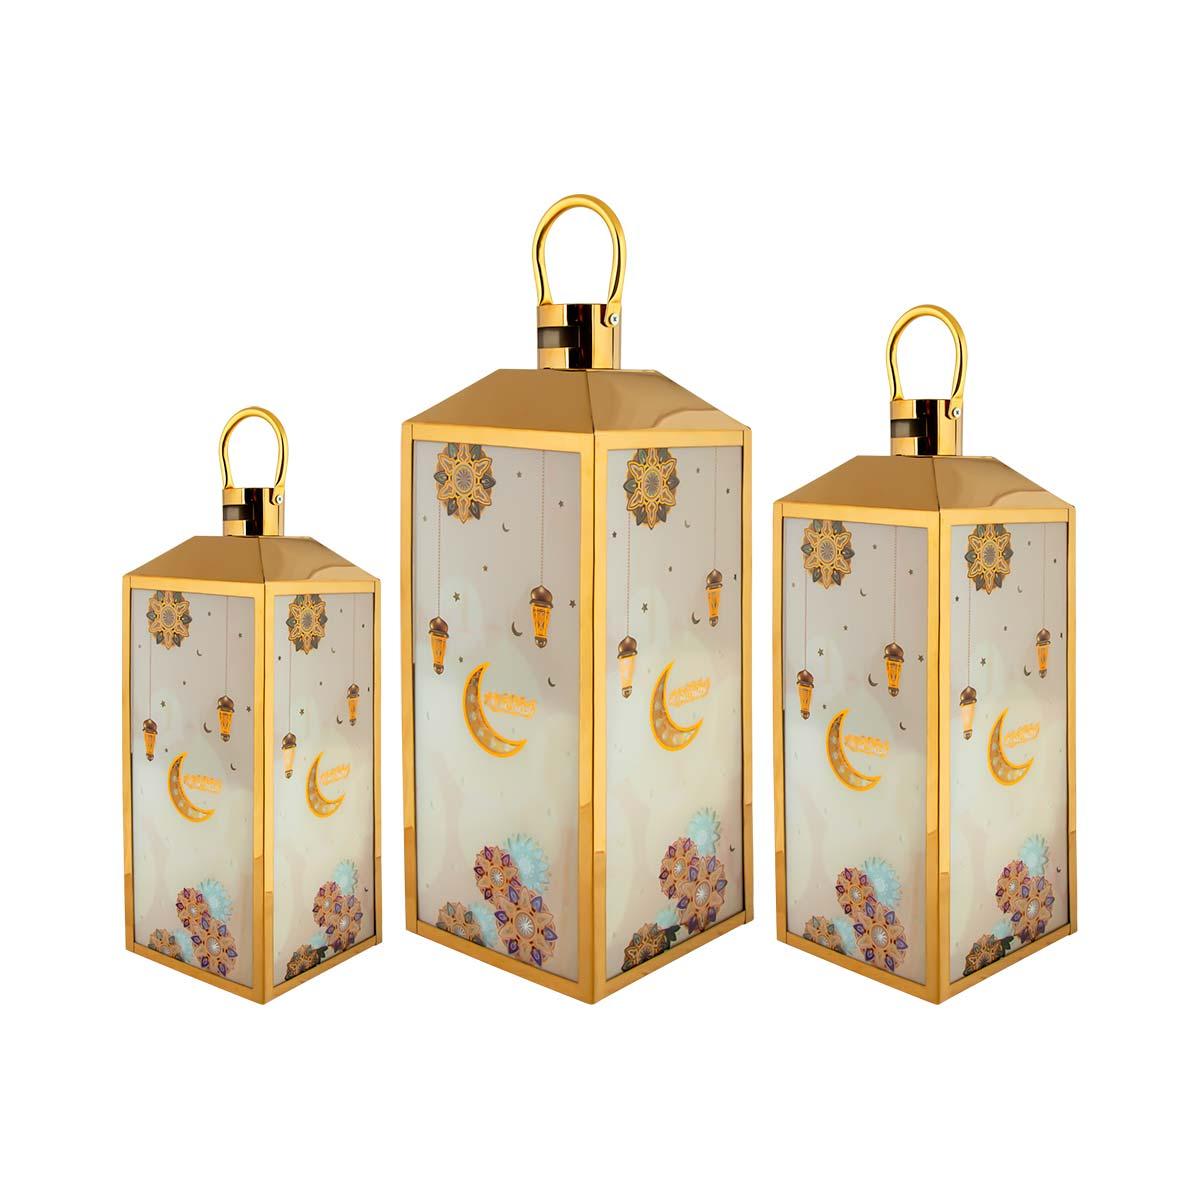 فوانيس استيل طقم 3 قطعة لون ذهبي مع اضاءه  رقم AS13240